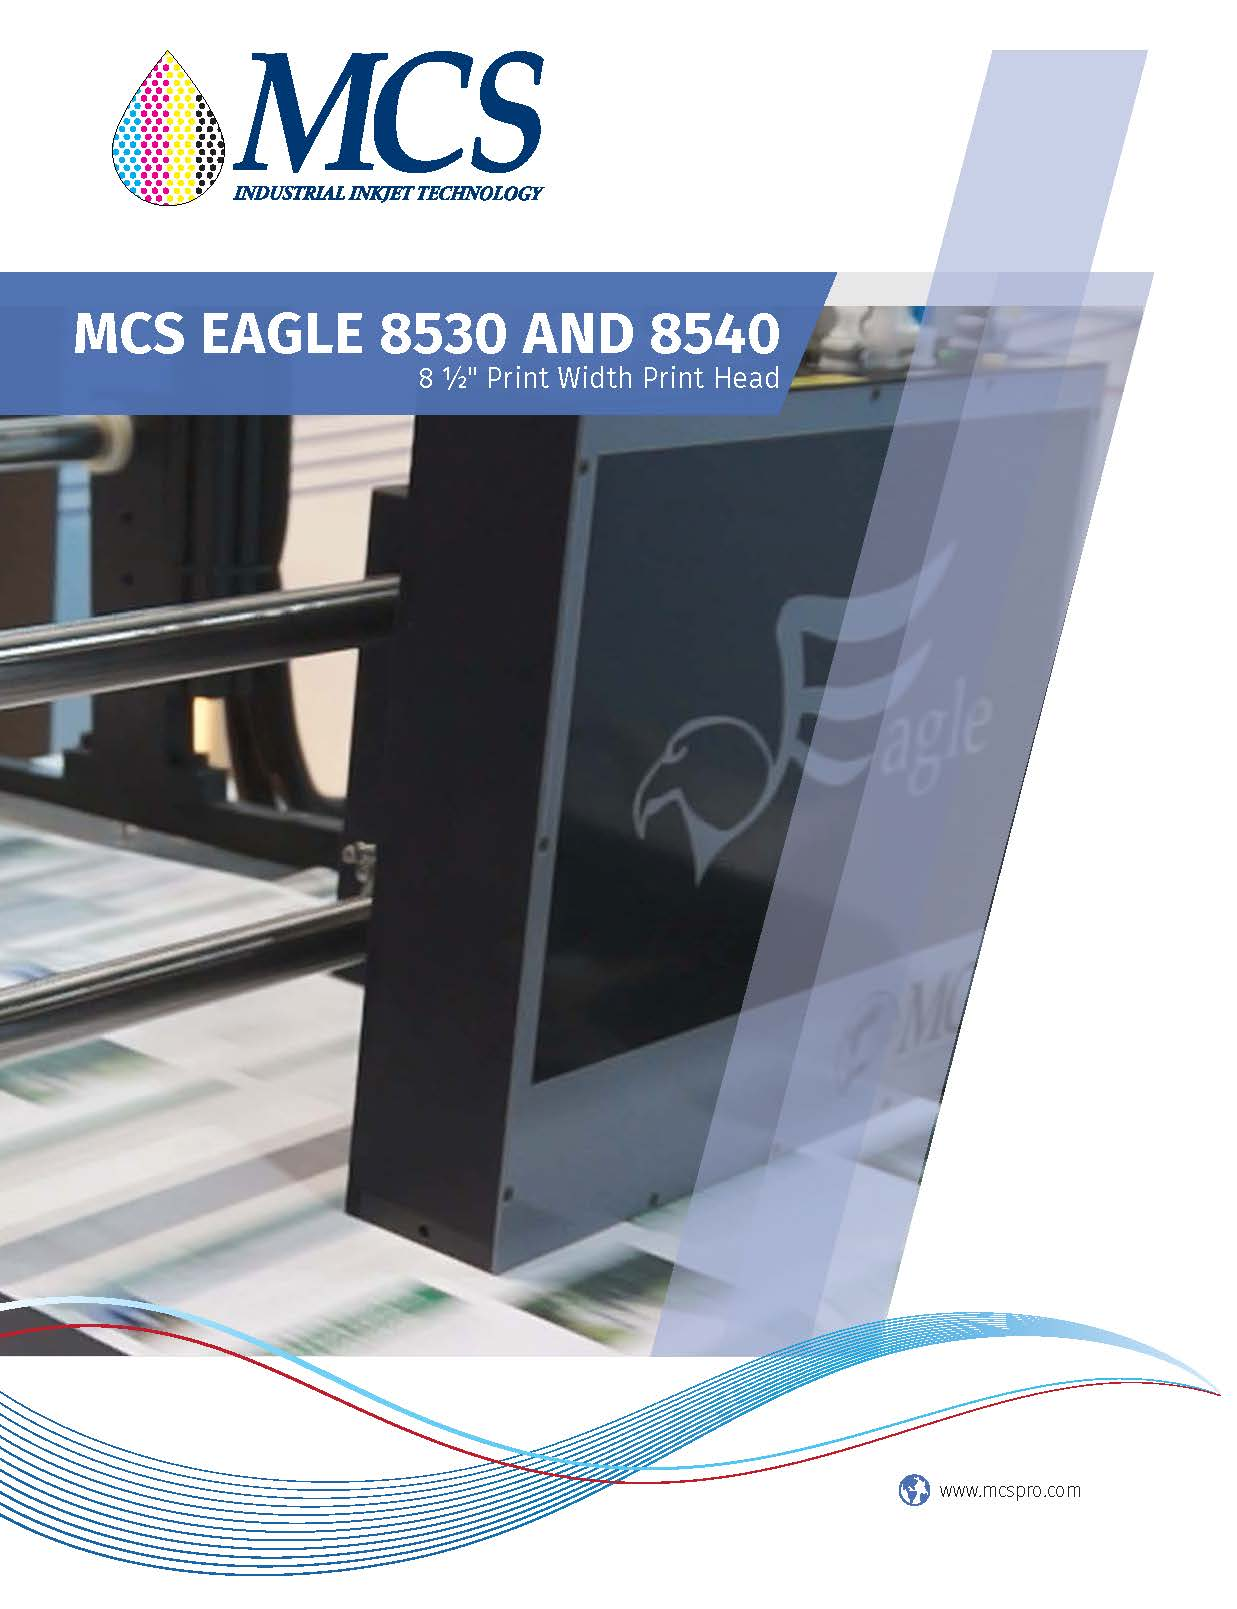 MCS EAGLE 8530